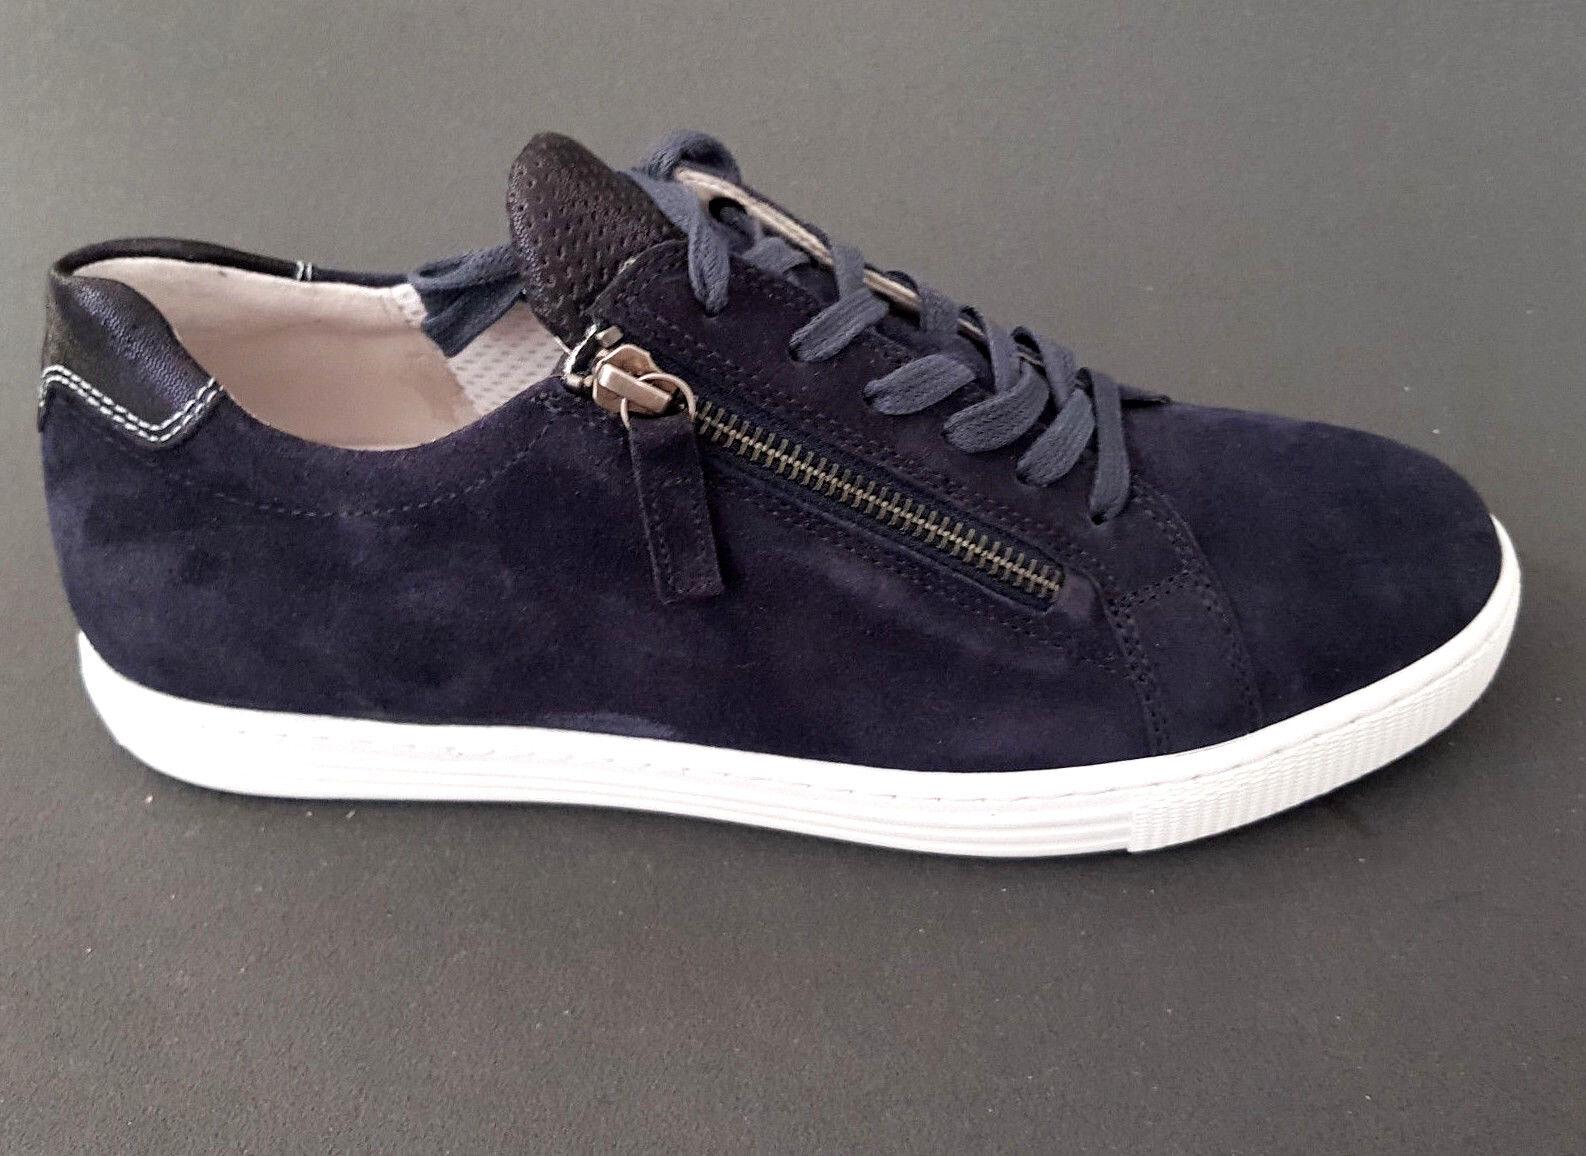 Venta de liquidación de temporada Descuento por tiempo limitado Gabor Comfort Damen Sneaker Sport Schuhe 86.488.46 dunkelblau ocean blau NEU